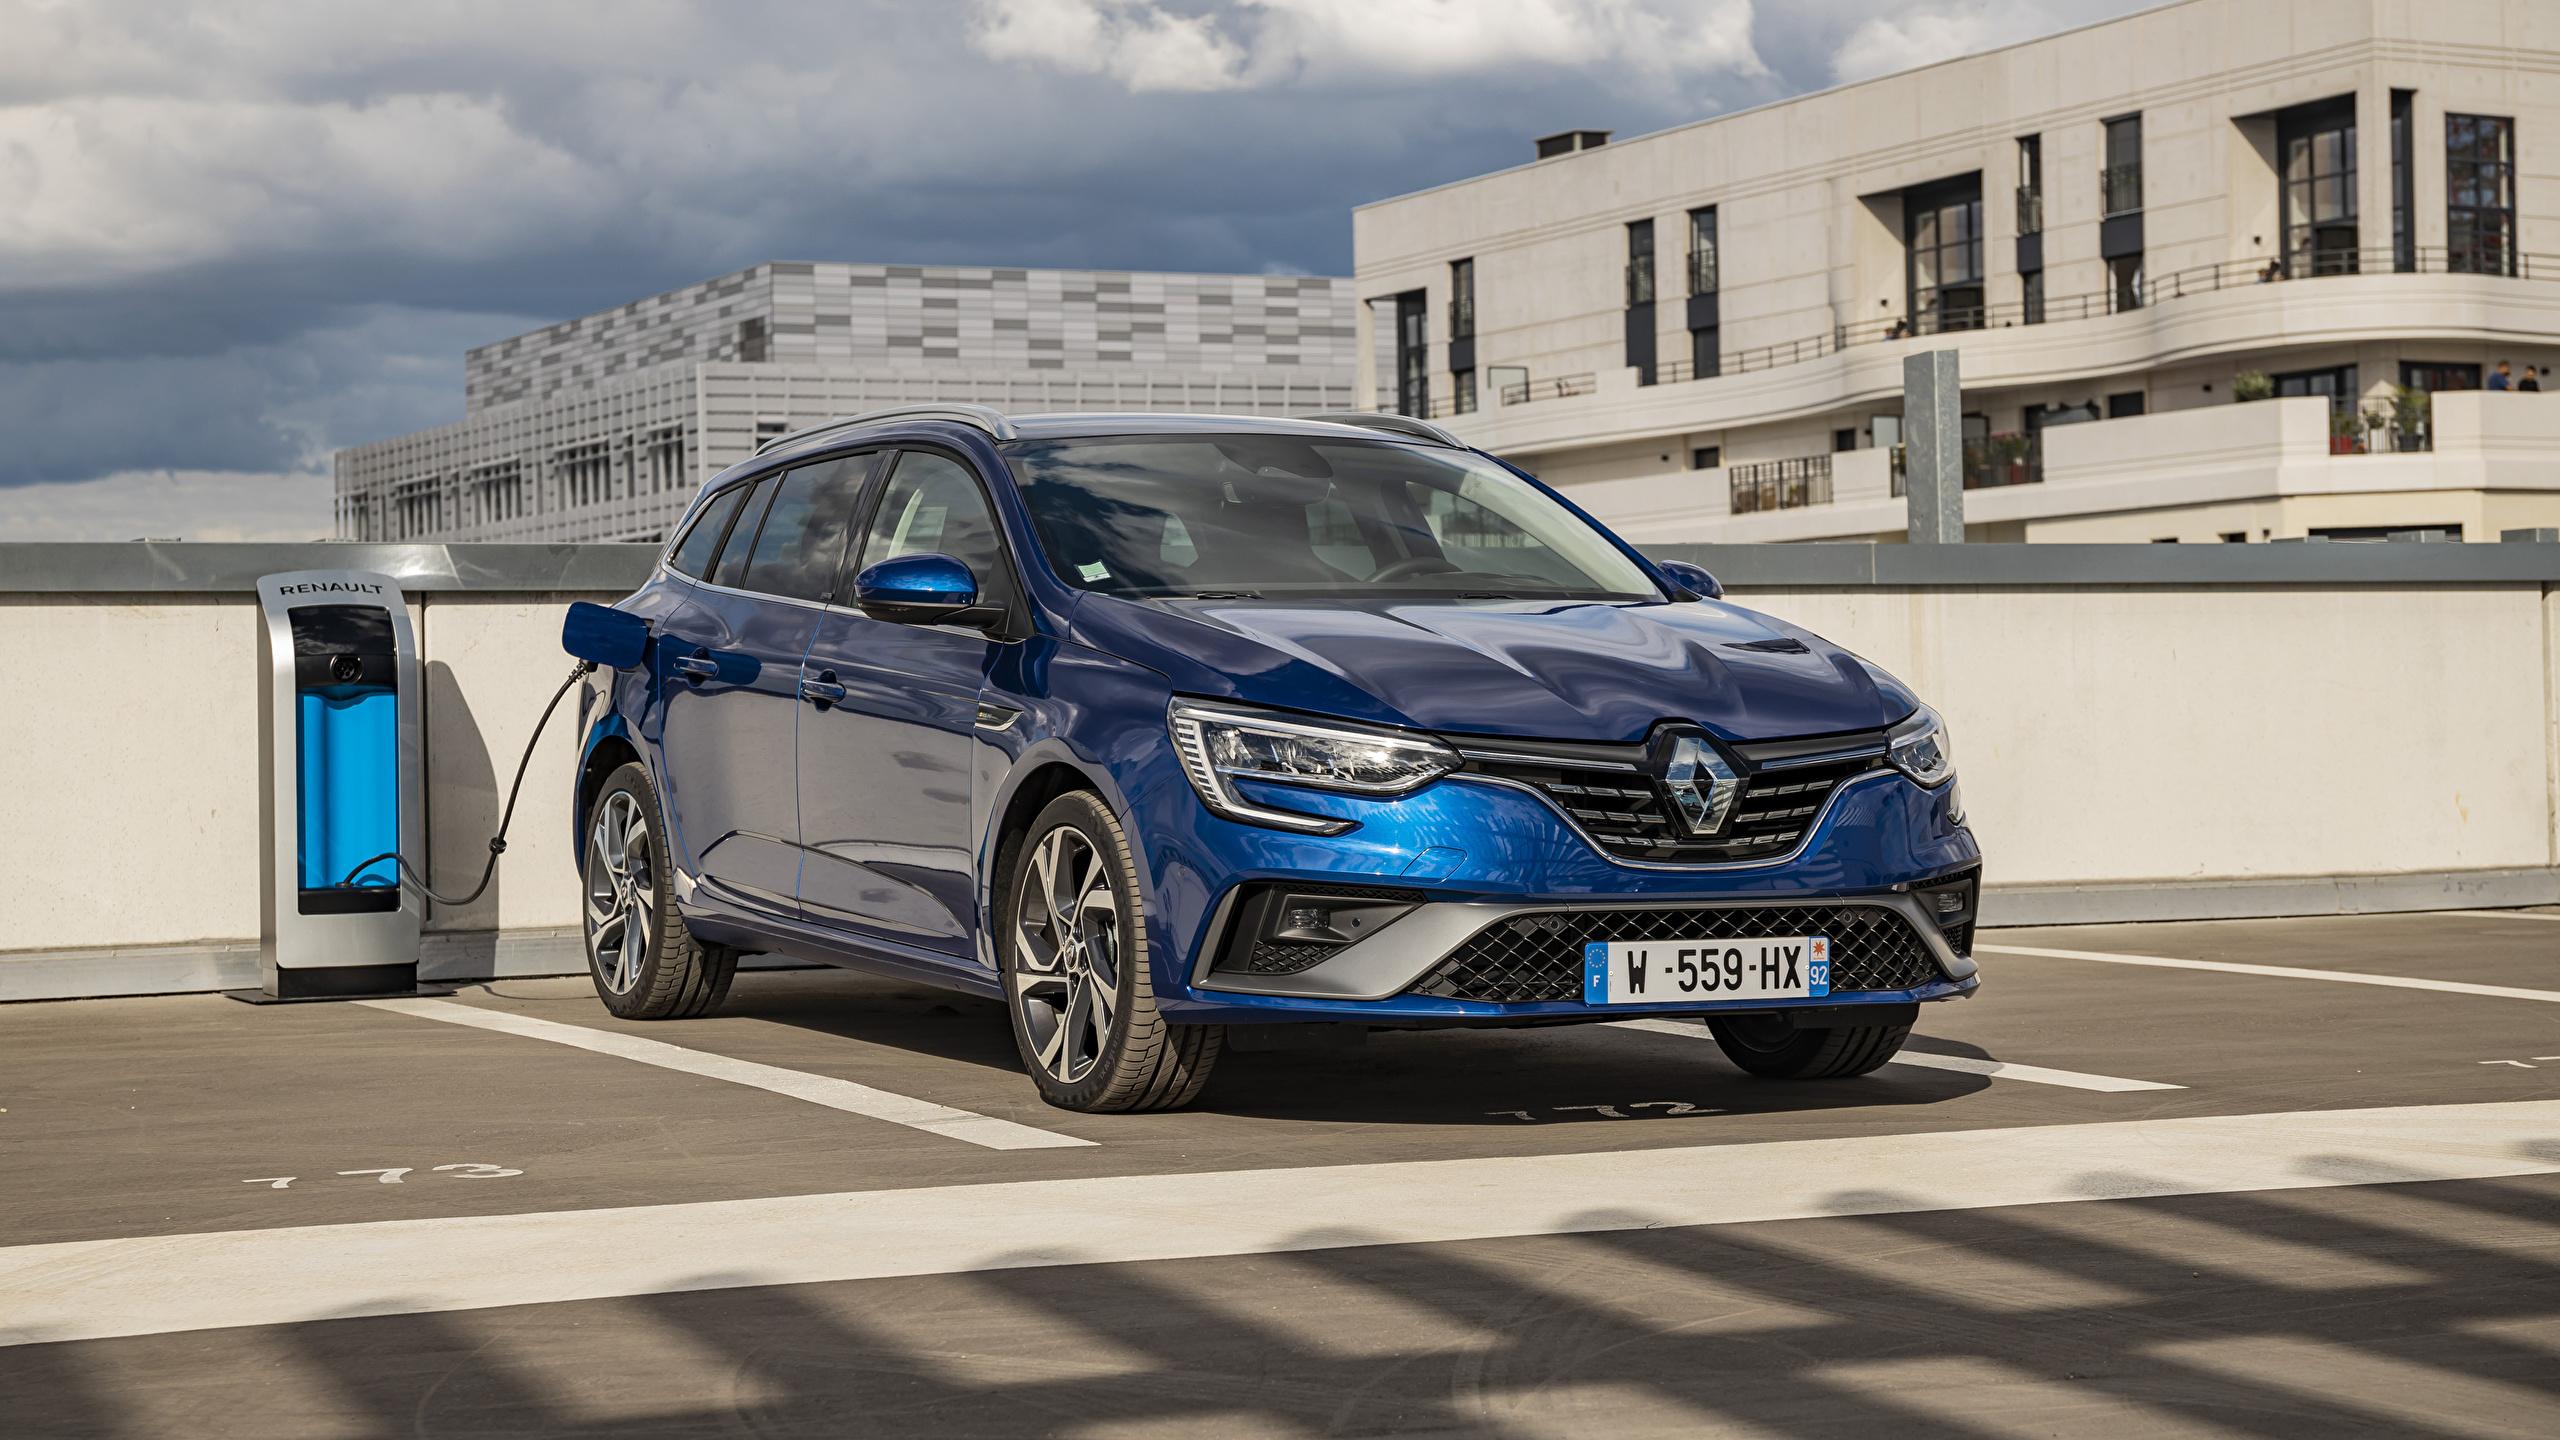 Картинки Renault 2020 Mégane E-TECH Plug-in Hybrid R.S. Line Estate Worldwide Парковка Гибридный автомобиль Синий машины Металлик 2560x1440 Рено паркинг стоянка парковке припаркованная синяя синие синих авто машина Автомобили автомобиль